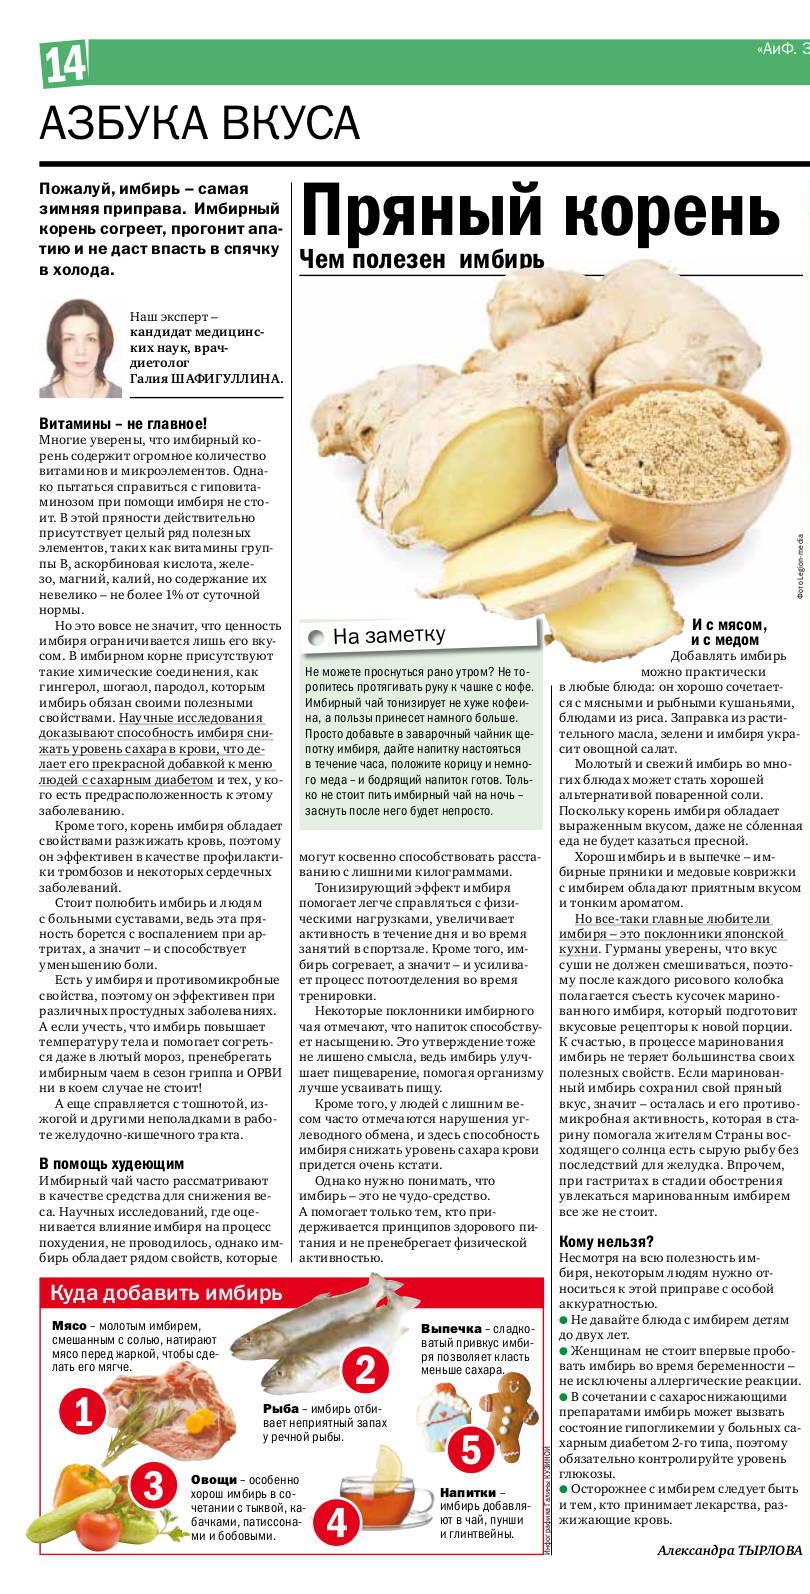 Имбирь Польза Похудении. Чем так полезен имбирь? Уникальные свойства против вирусов и помощь в похудении